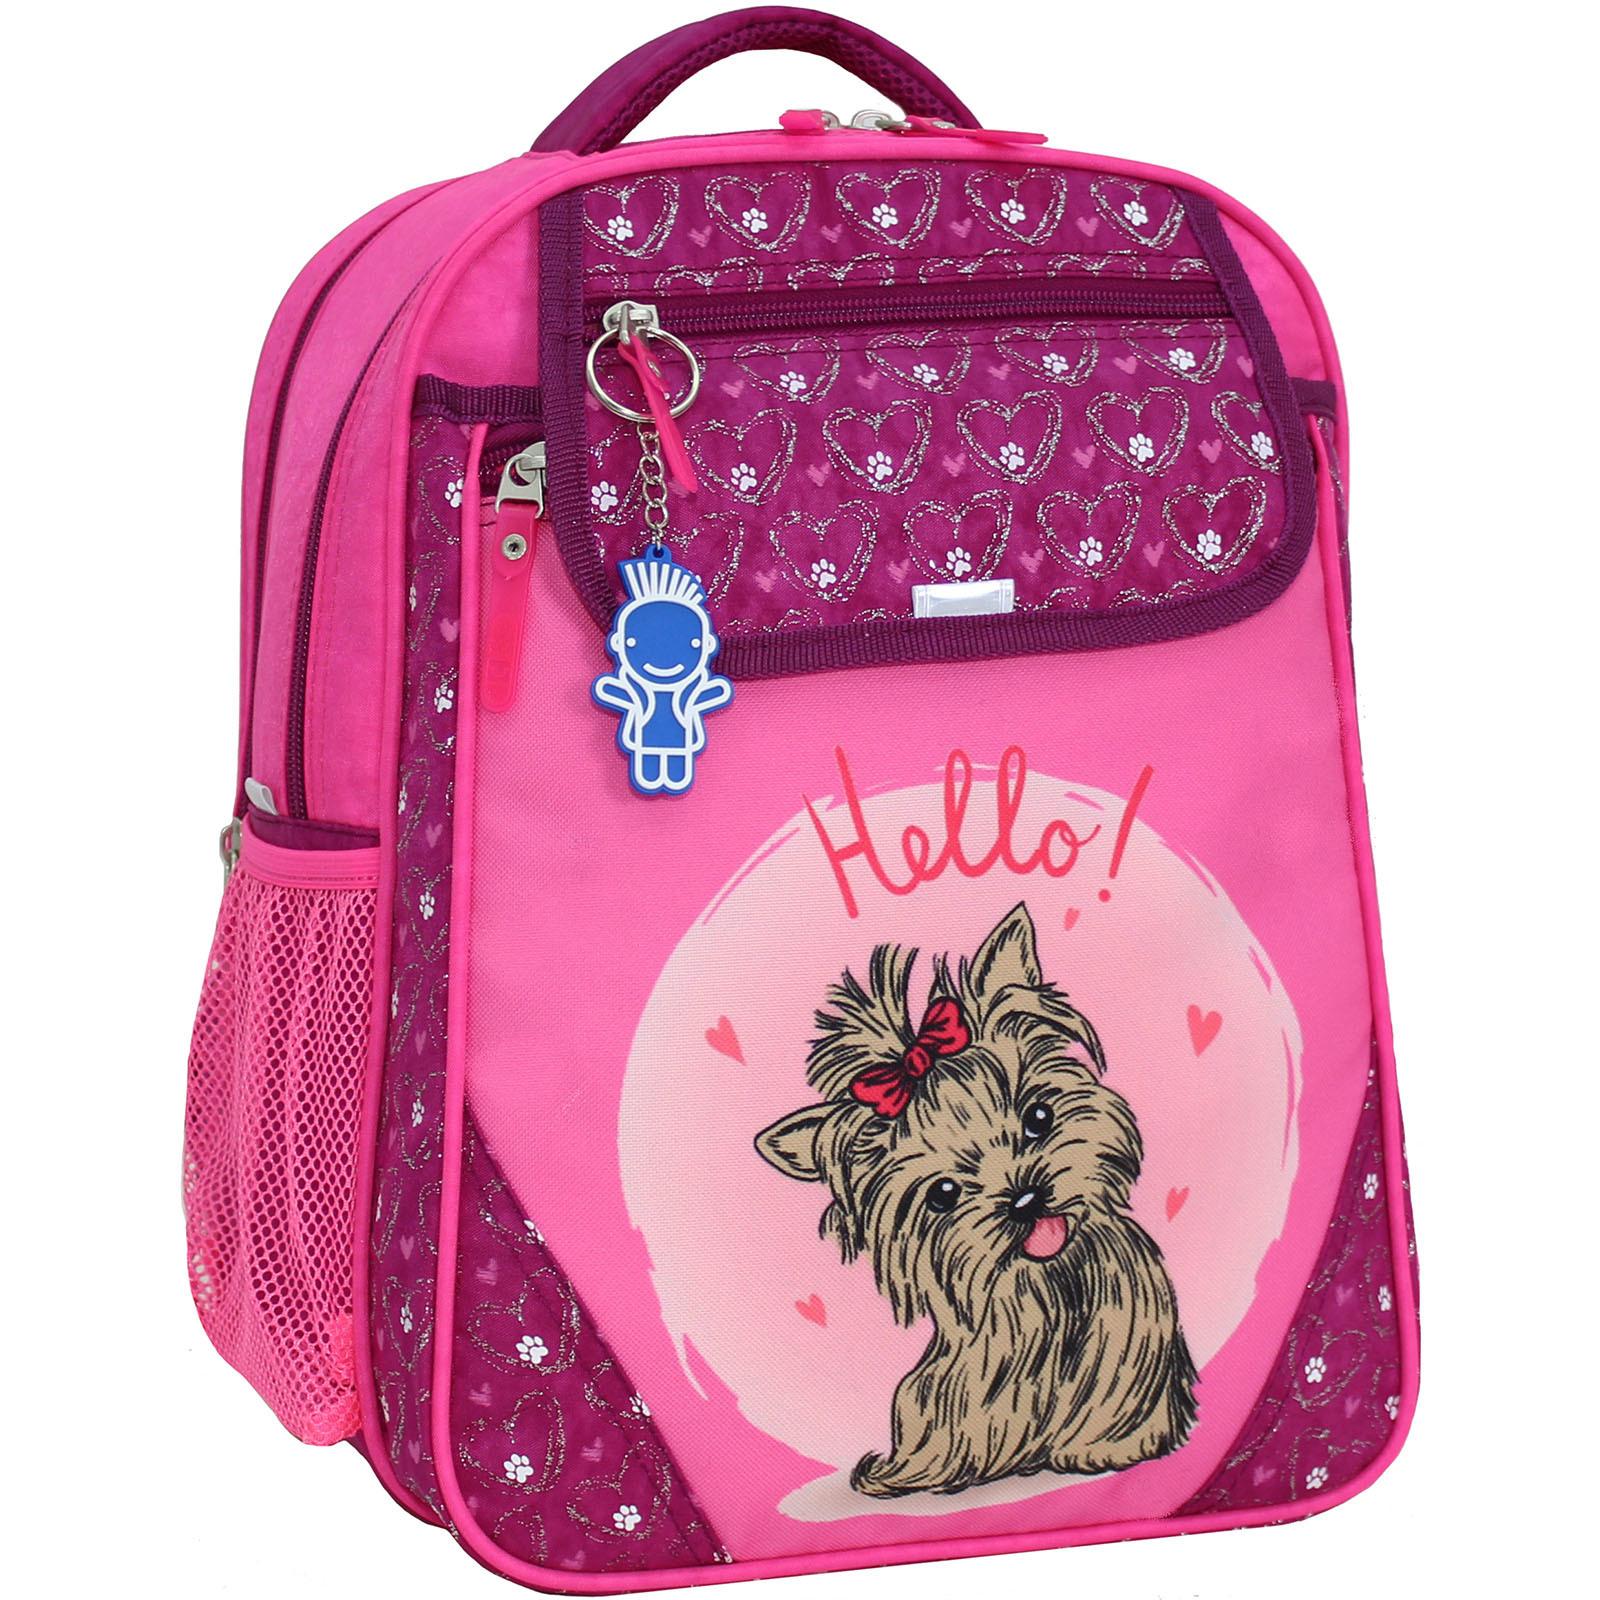 Школьные рюкзаки Рюкзак школьный Bagland Отличник 20 л. 143 малиновый 167к (0058070) IMG_9256_суб.167К_.JPG